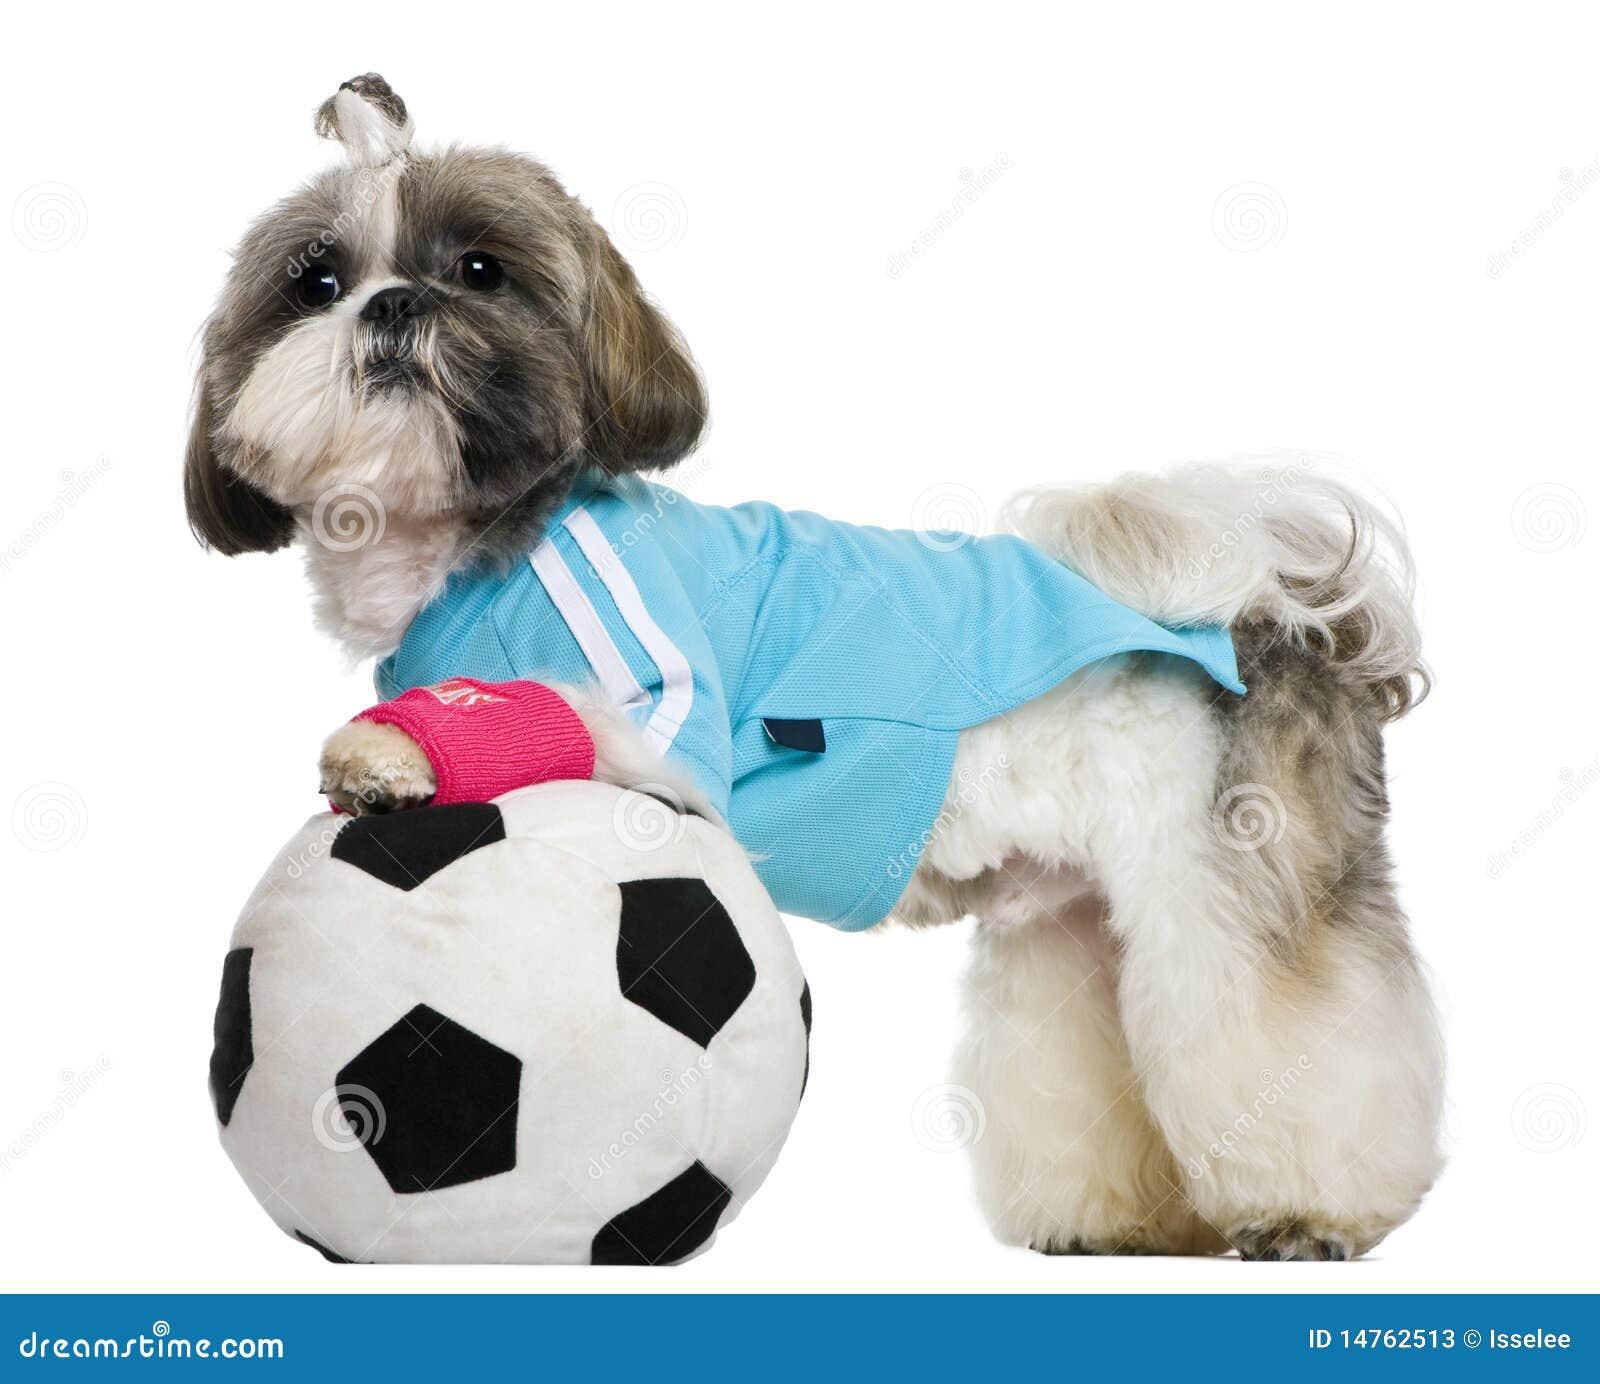 Shih Tzu, 18 meses, vestidos com esfera de futebol